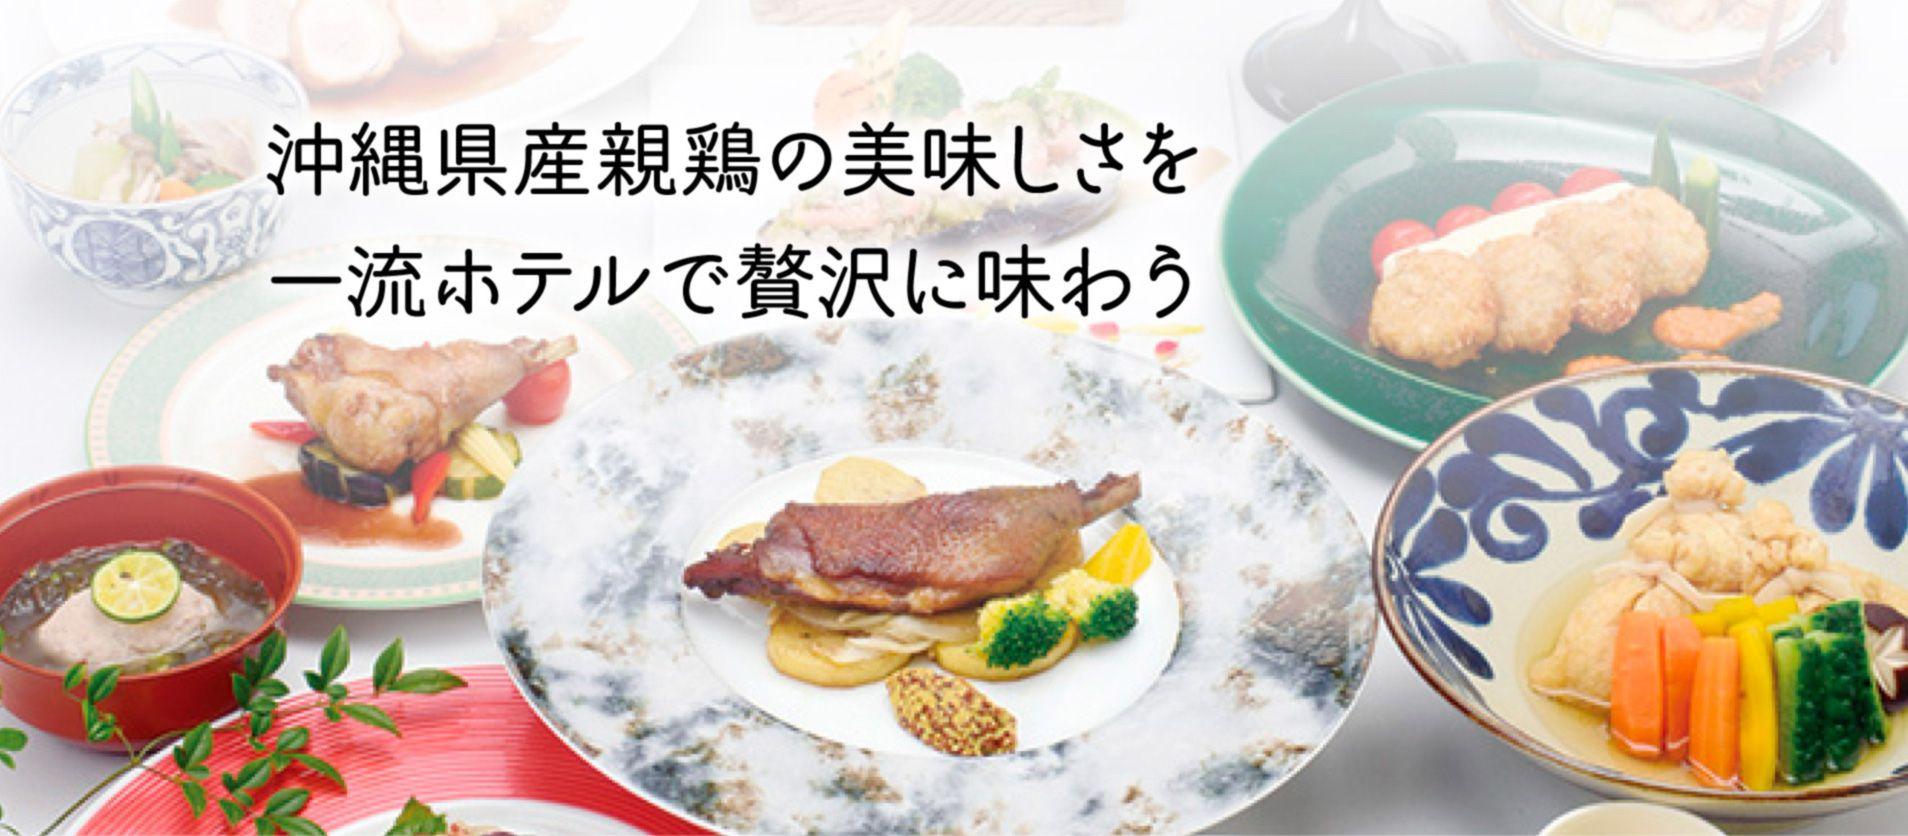 親鶏の美味しさを一流ホテルで贅沢に味わう